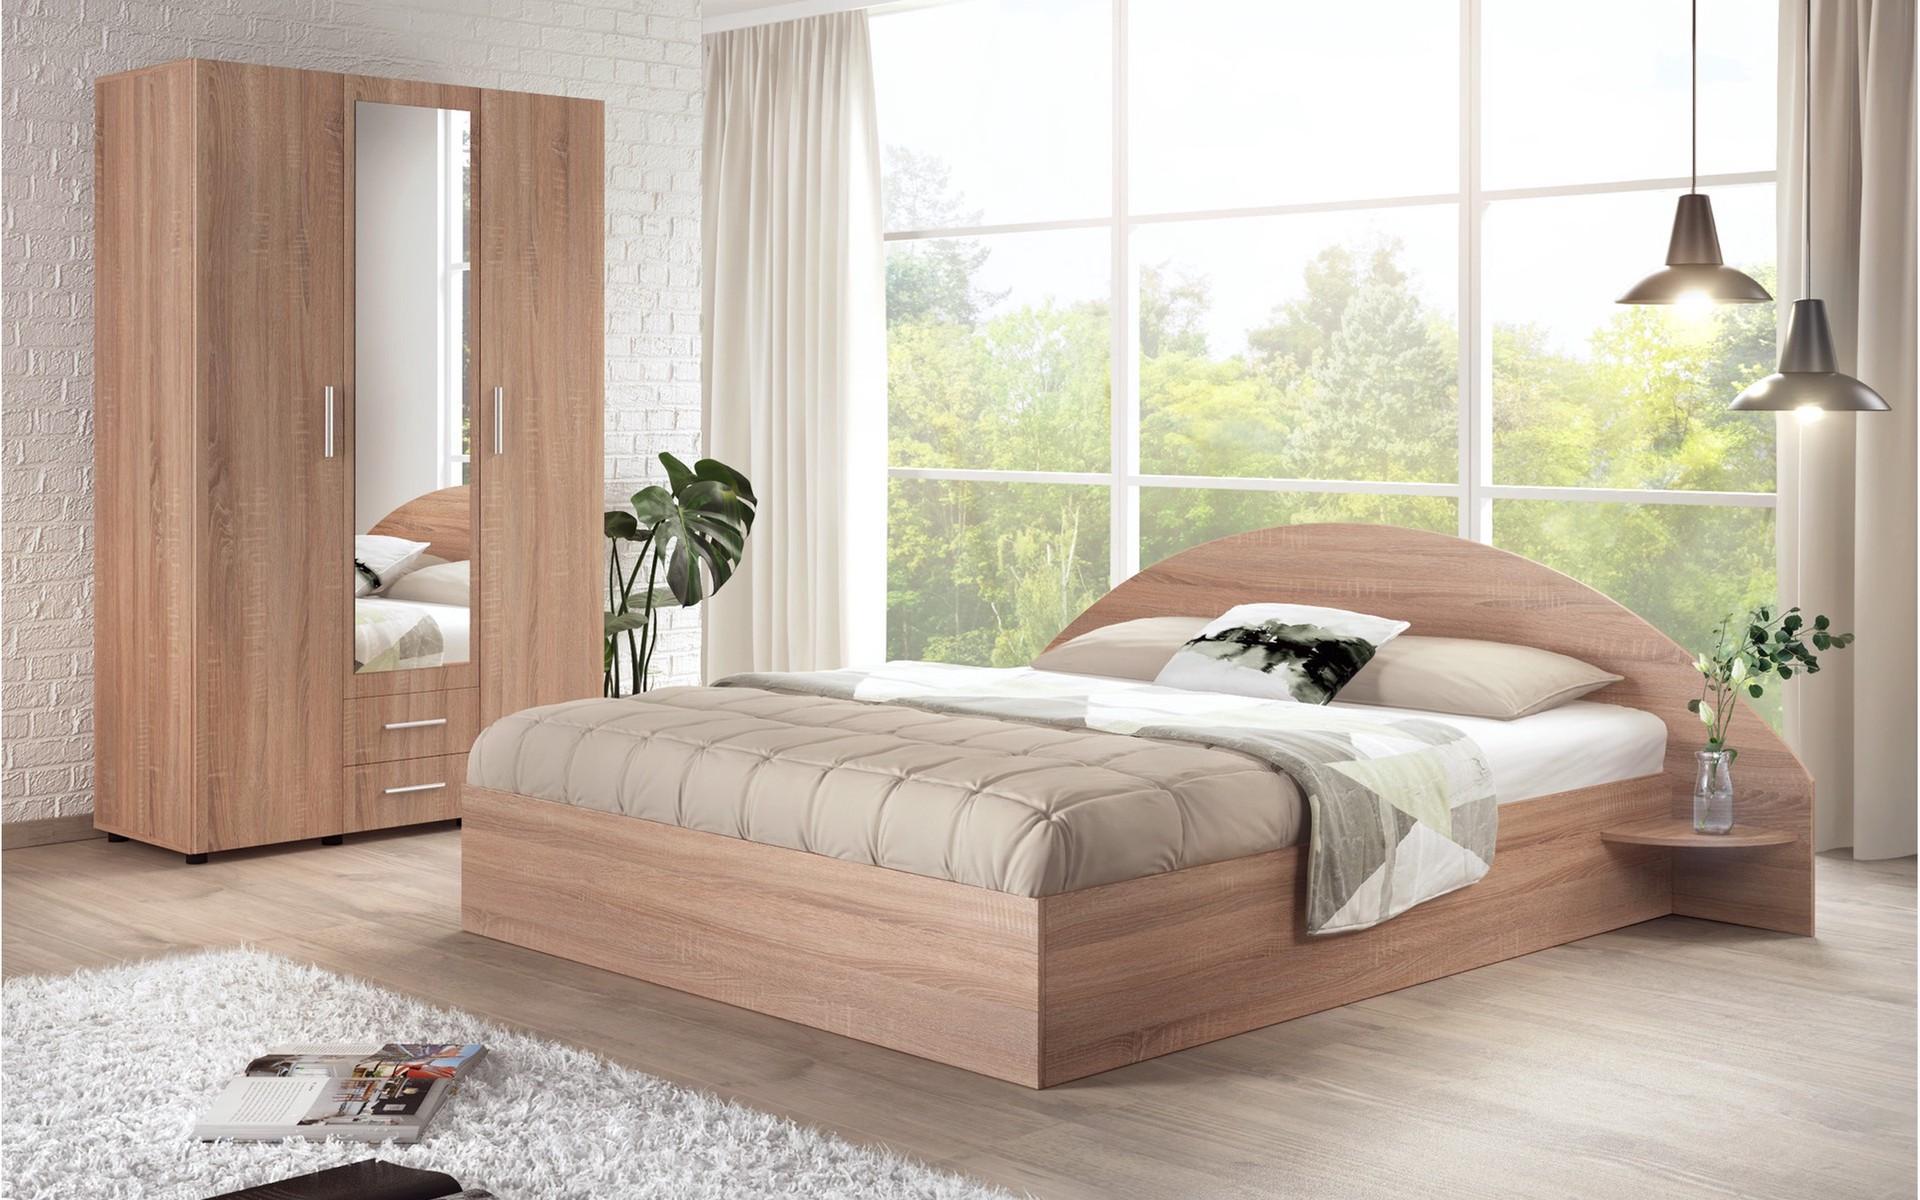 Спален комплект Лорейн + матрак 140/200 , дъб сонома